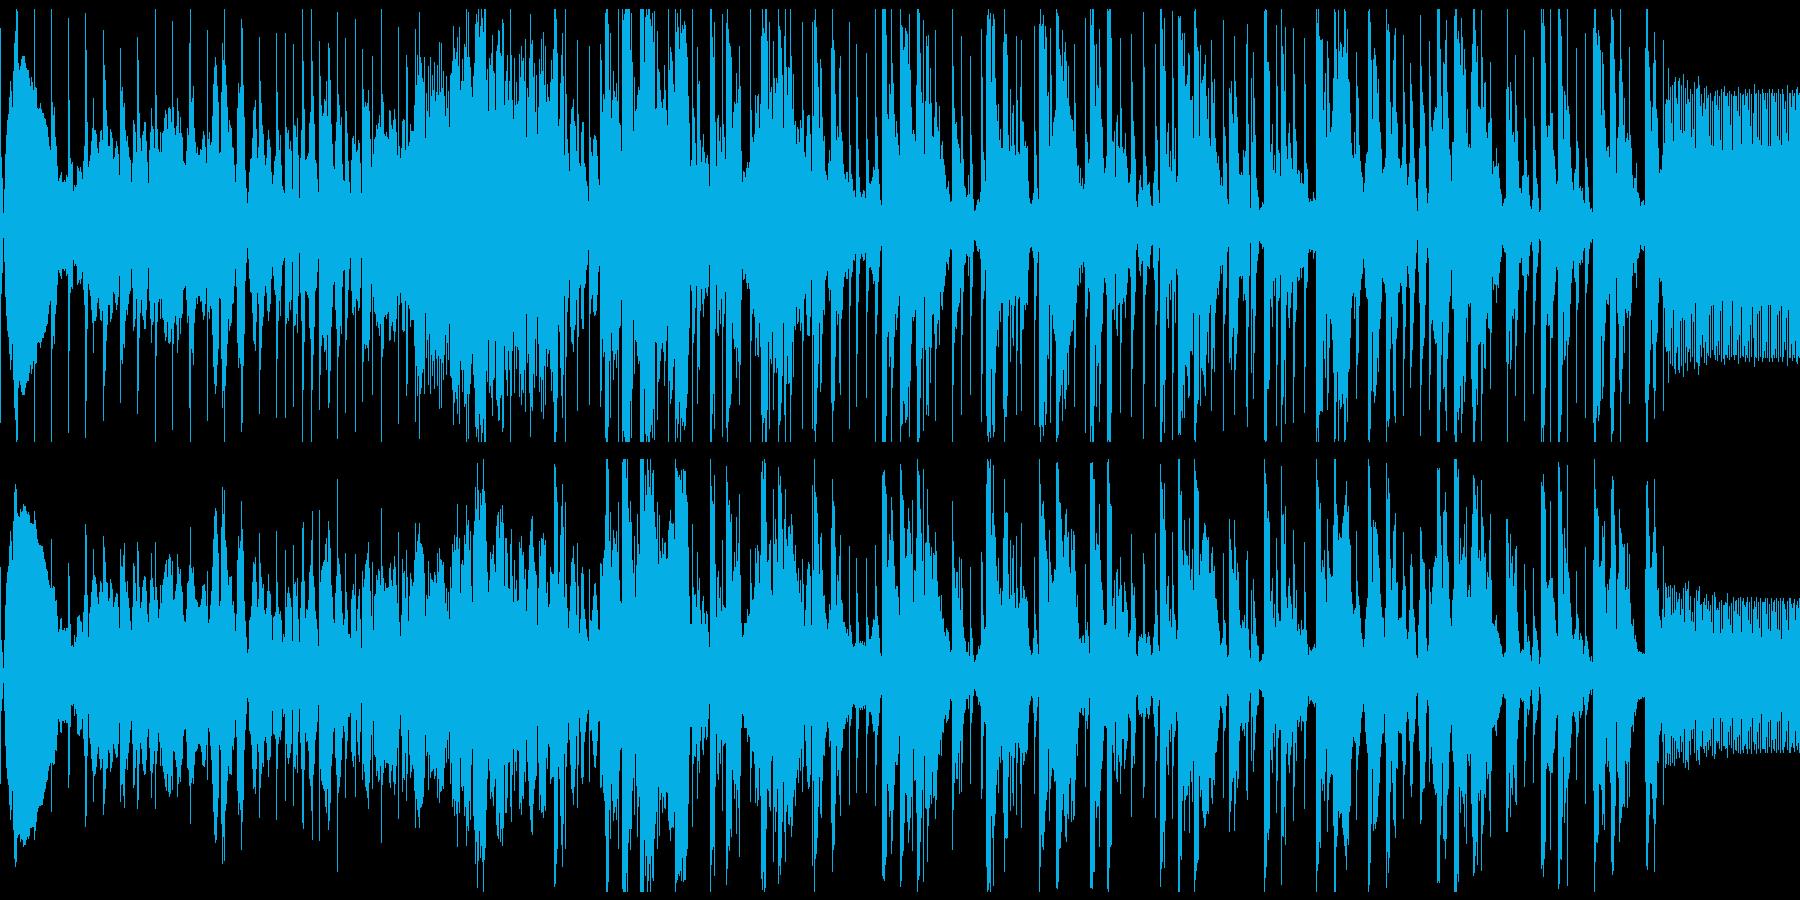 【異国情緒溢れるアラビアンTRAP】の再生済みの波形